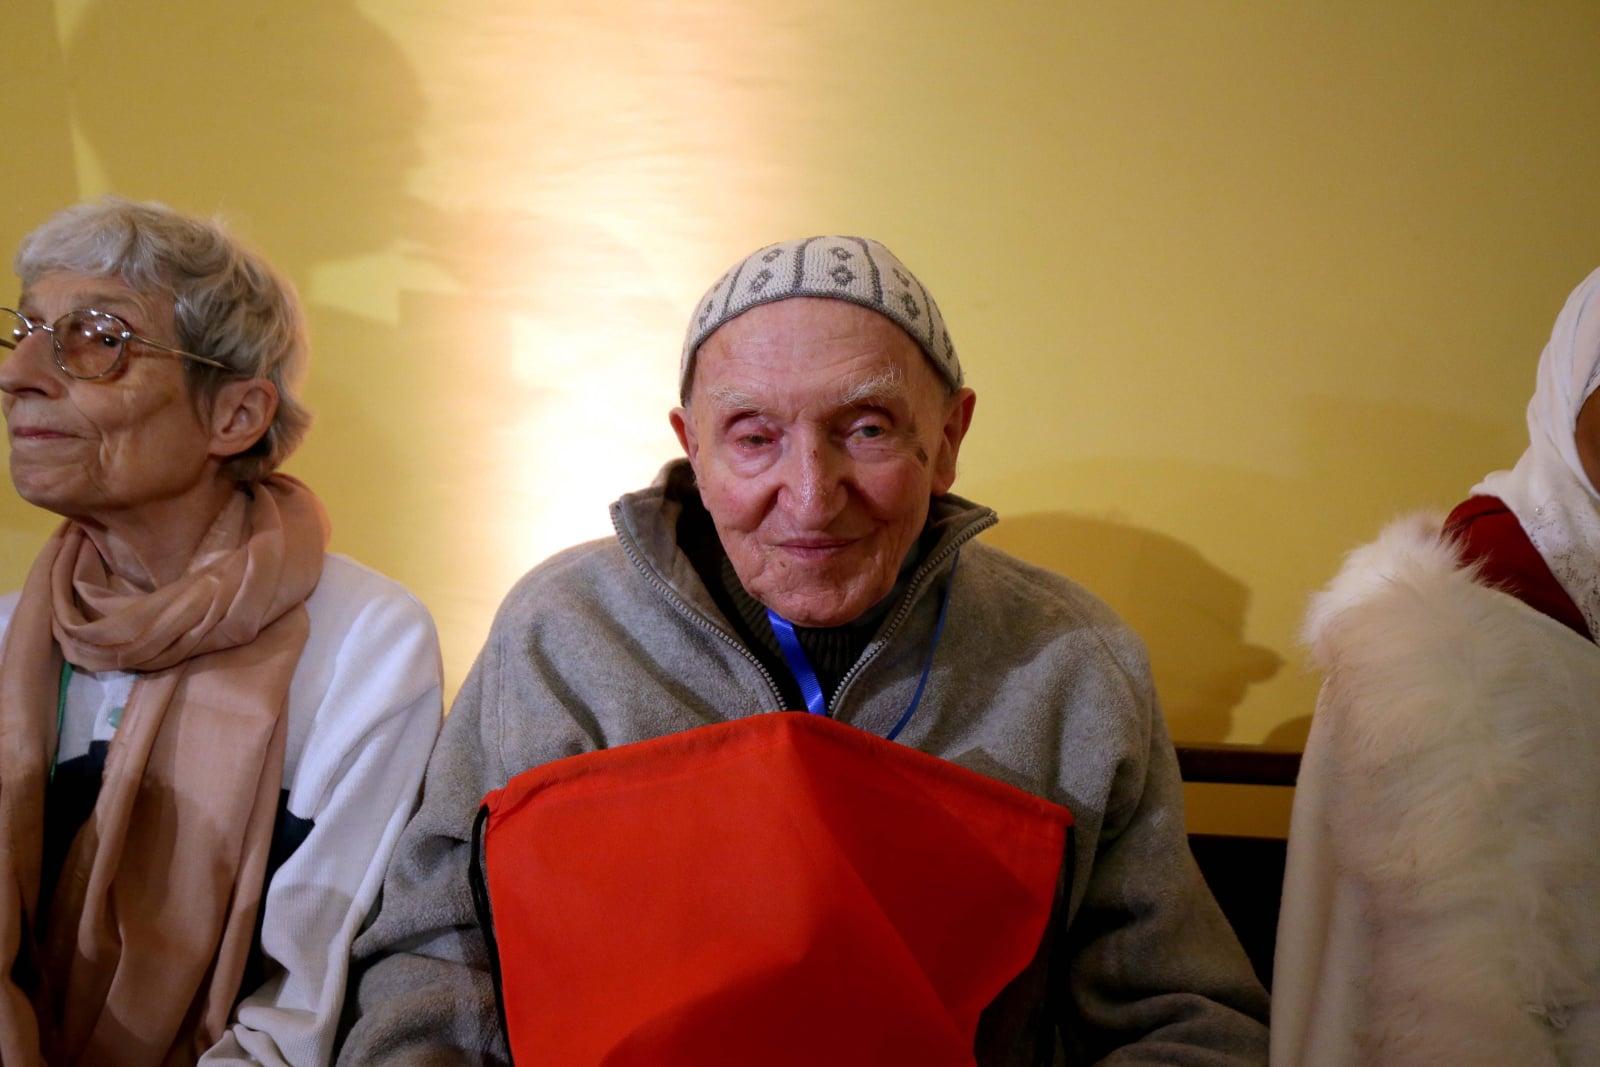 Brat Jean-Pierre jako jedyny ocalał spośród mnichów EPA/STRINGER